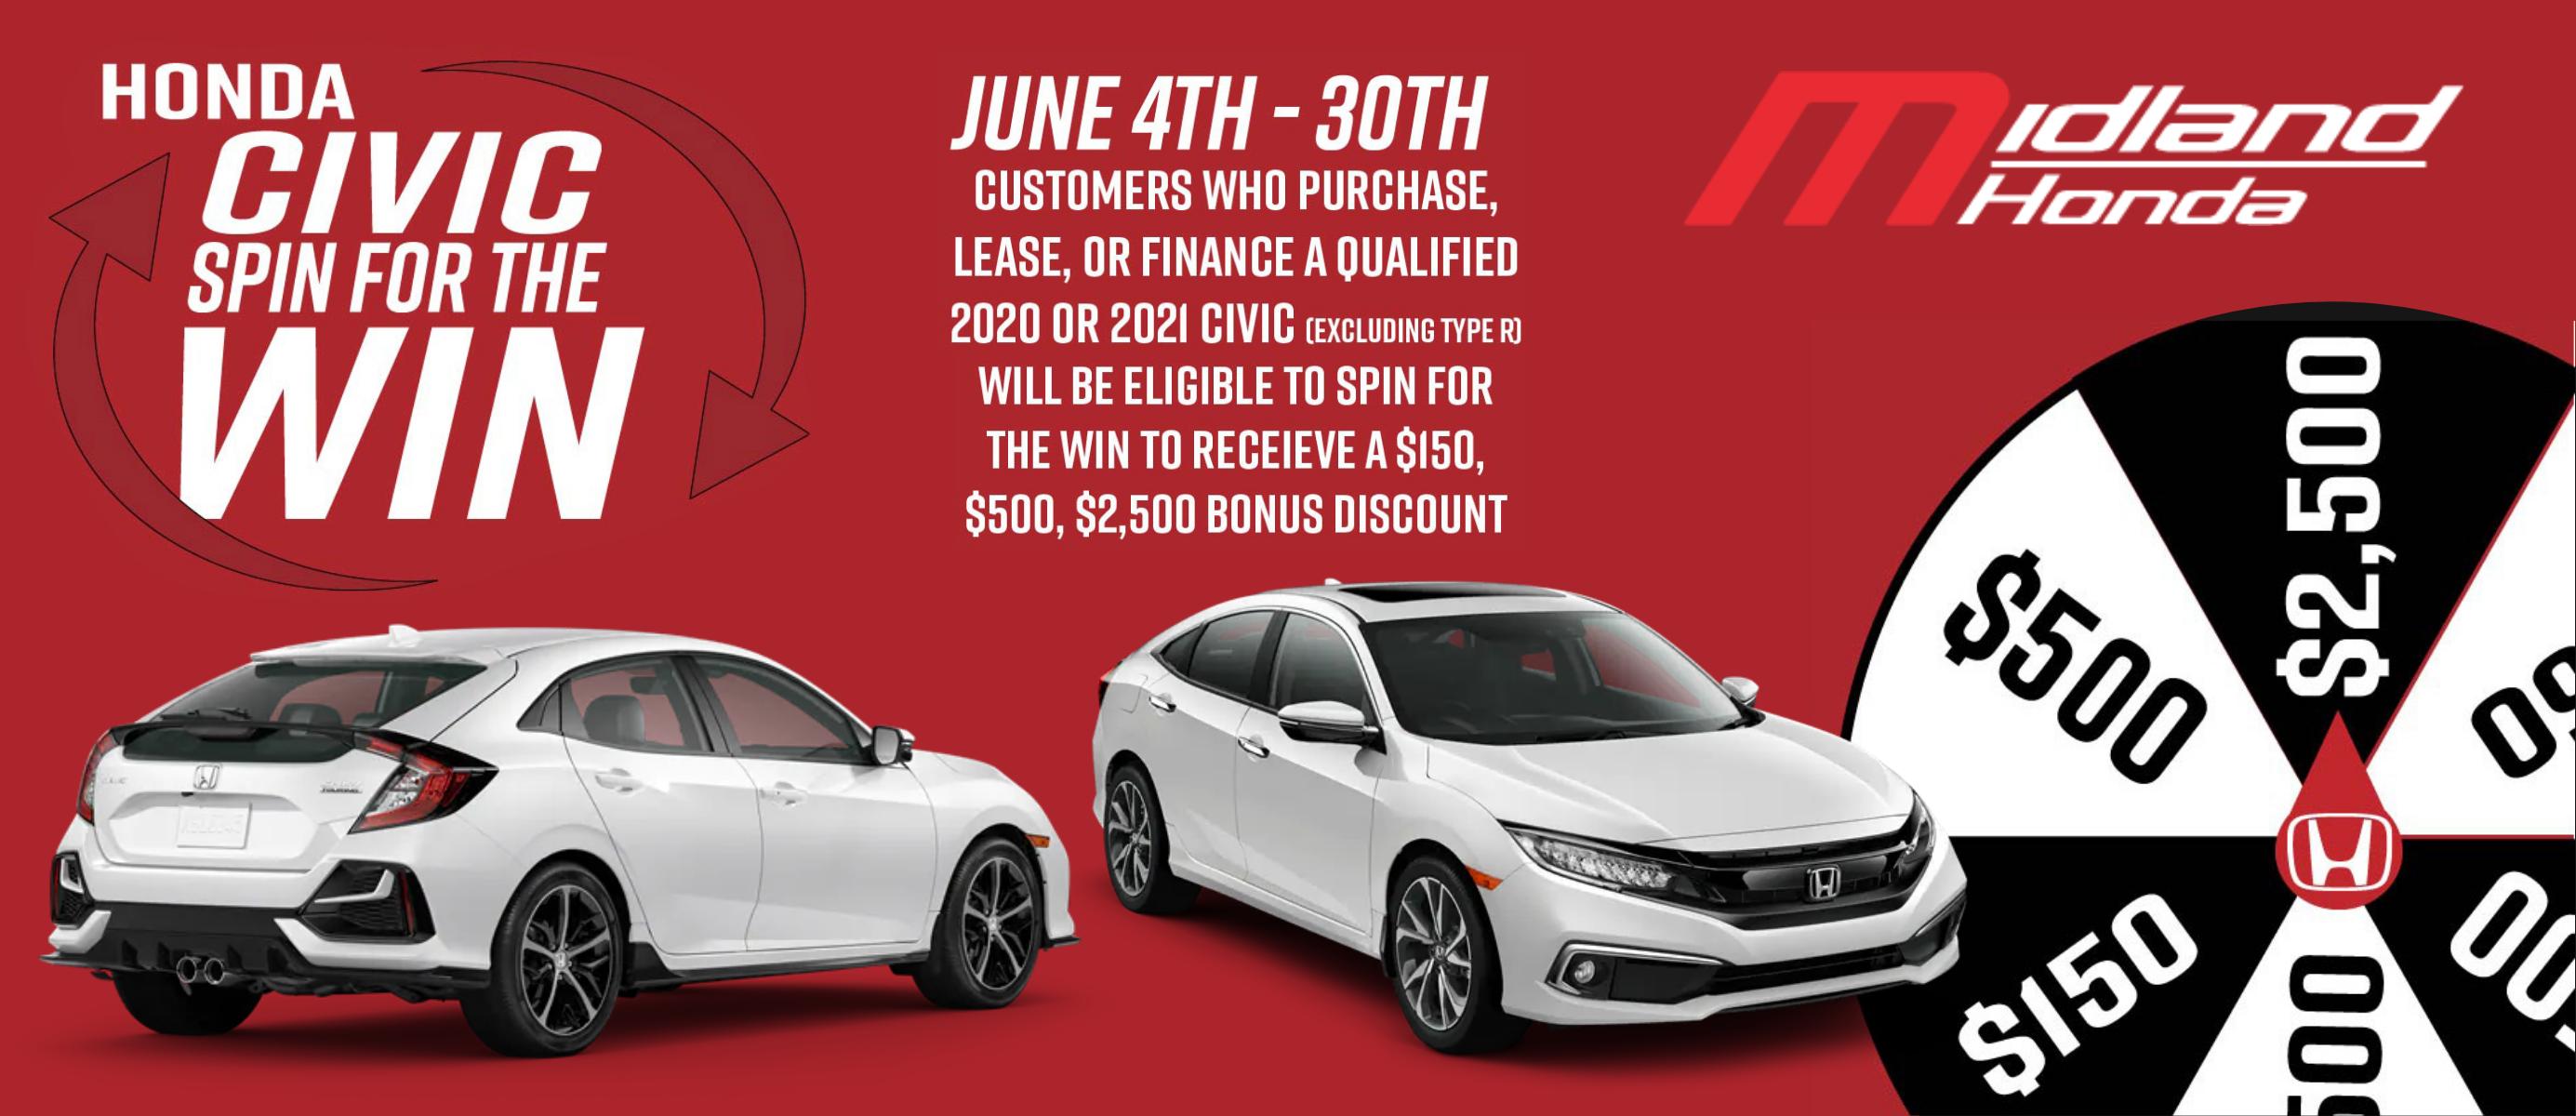 Honda Civic Deals!